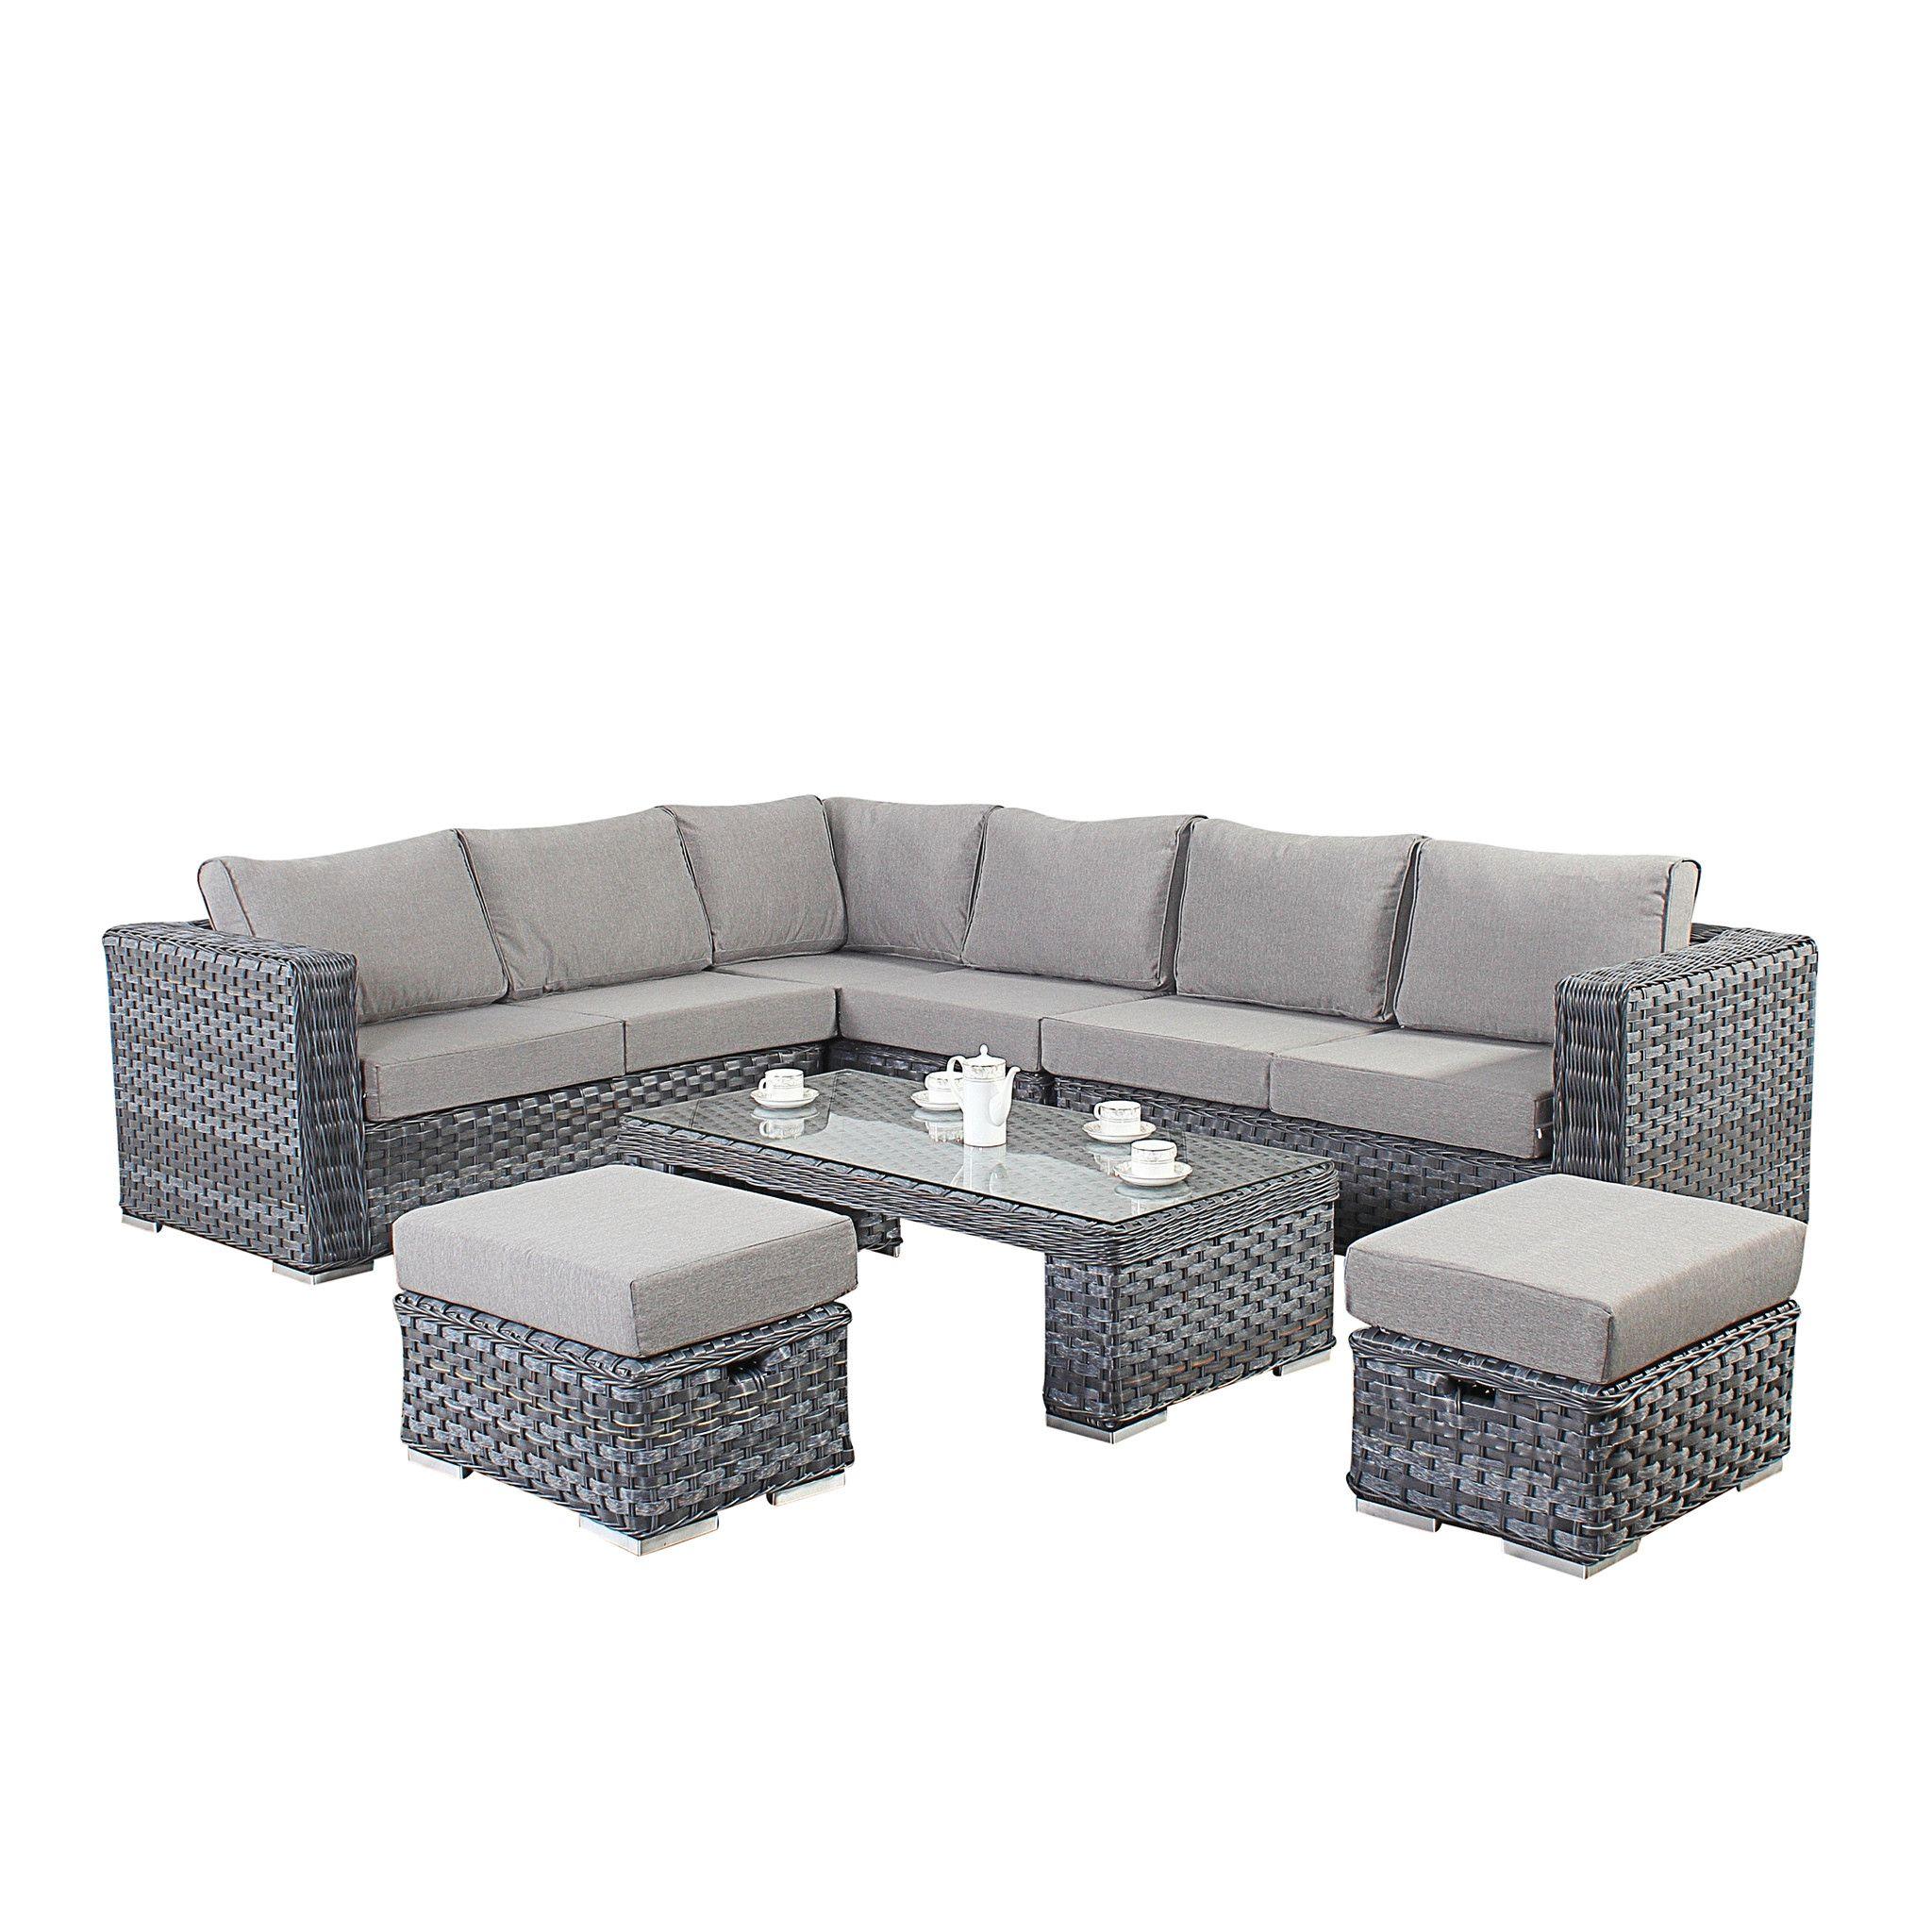 Naples Kd Coffee Set S And Sofas. Port Royal Platinum Rattan Corner Sofa And Table Set   Modern Sofas